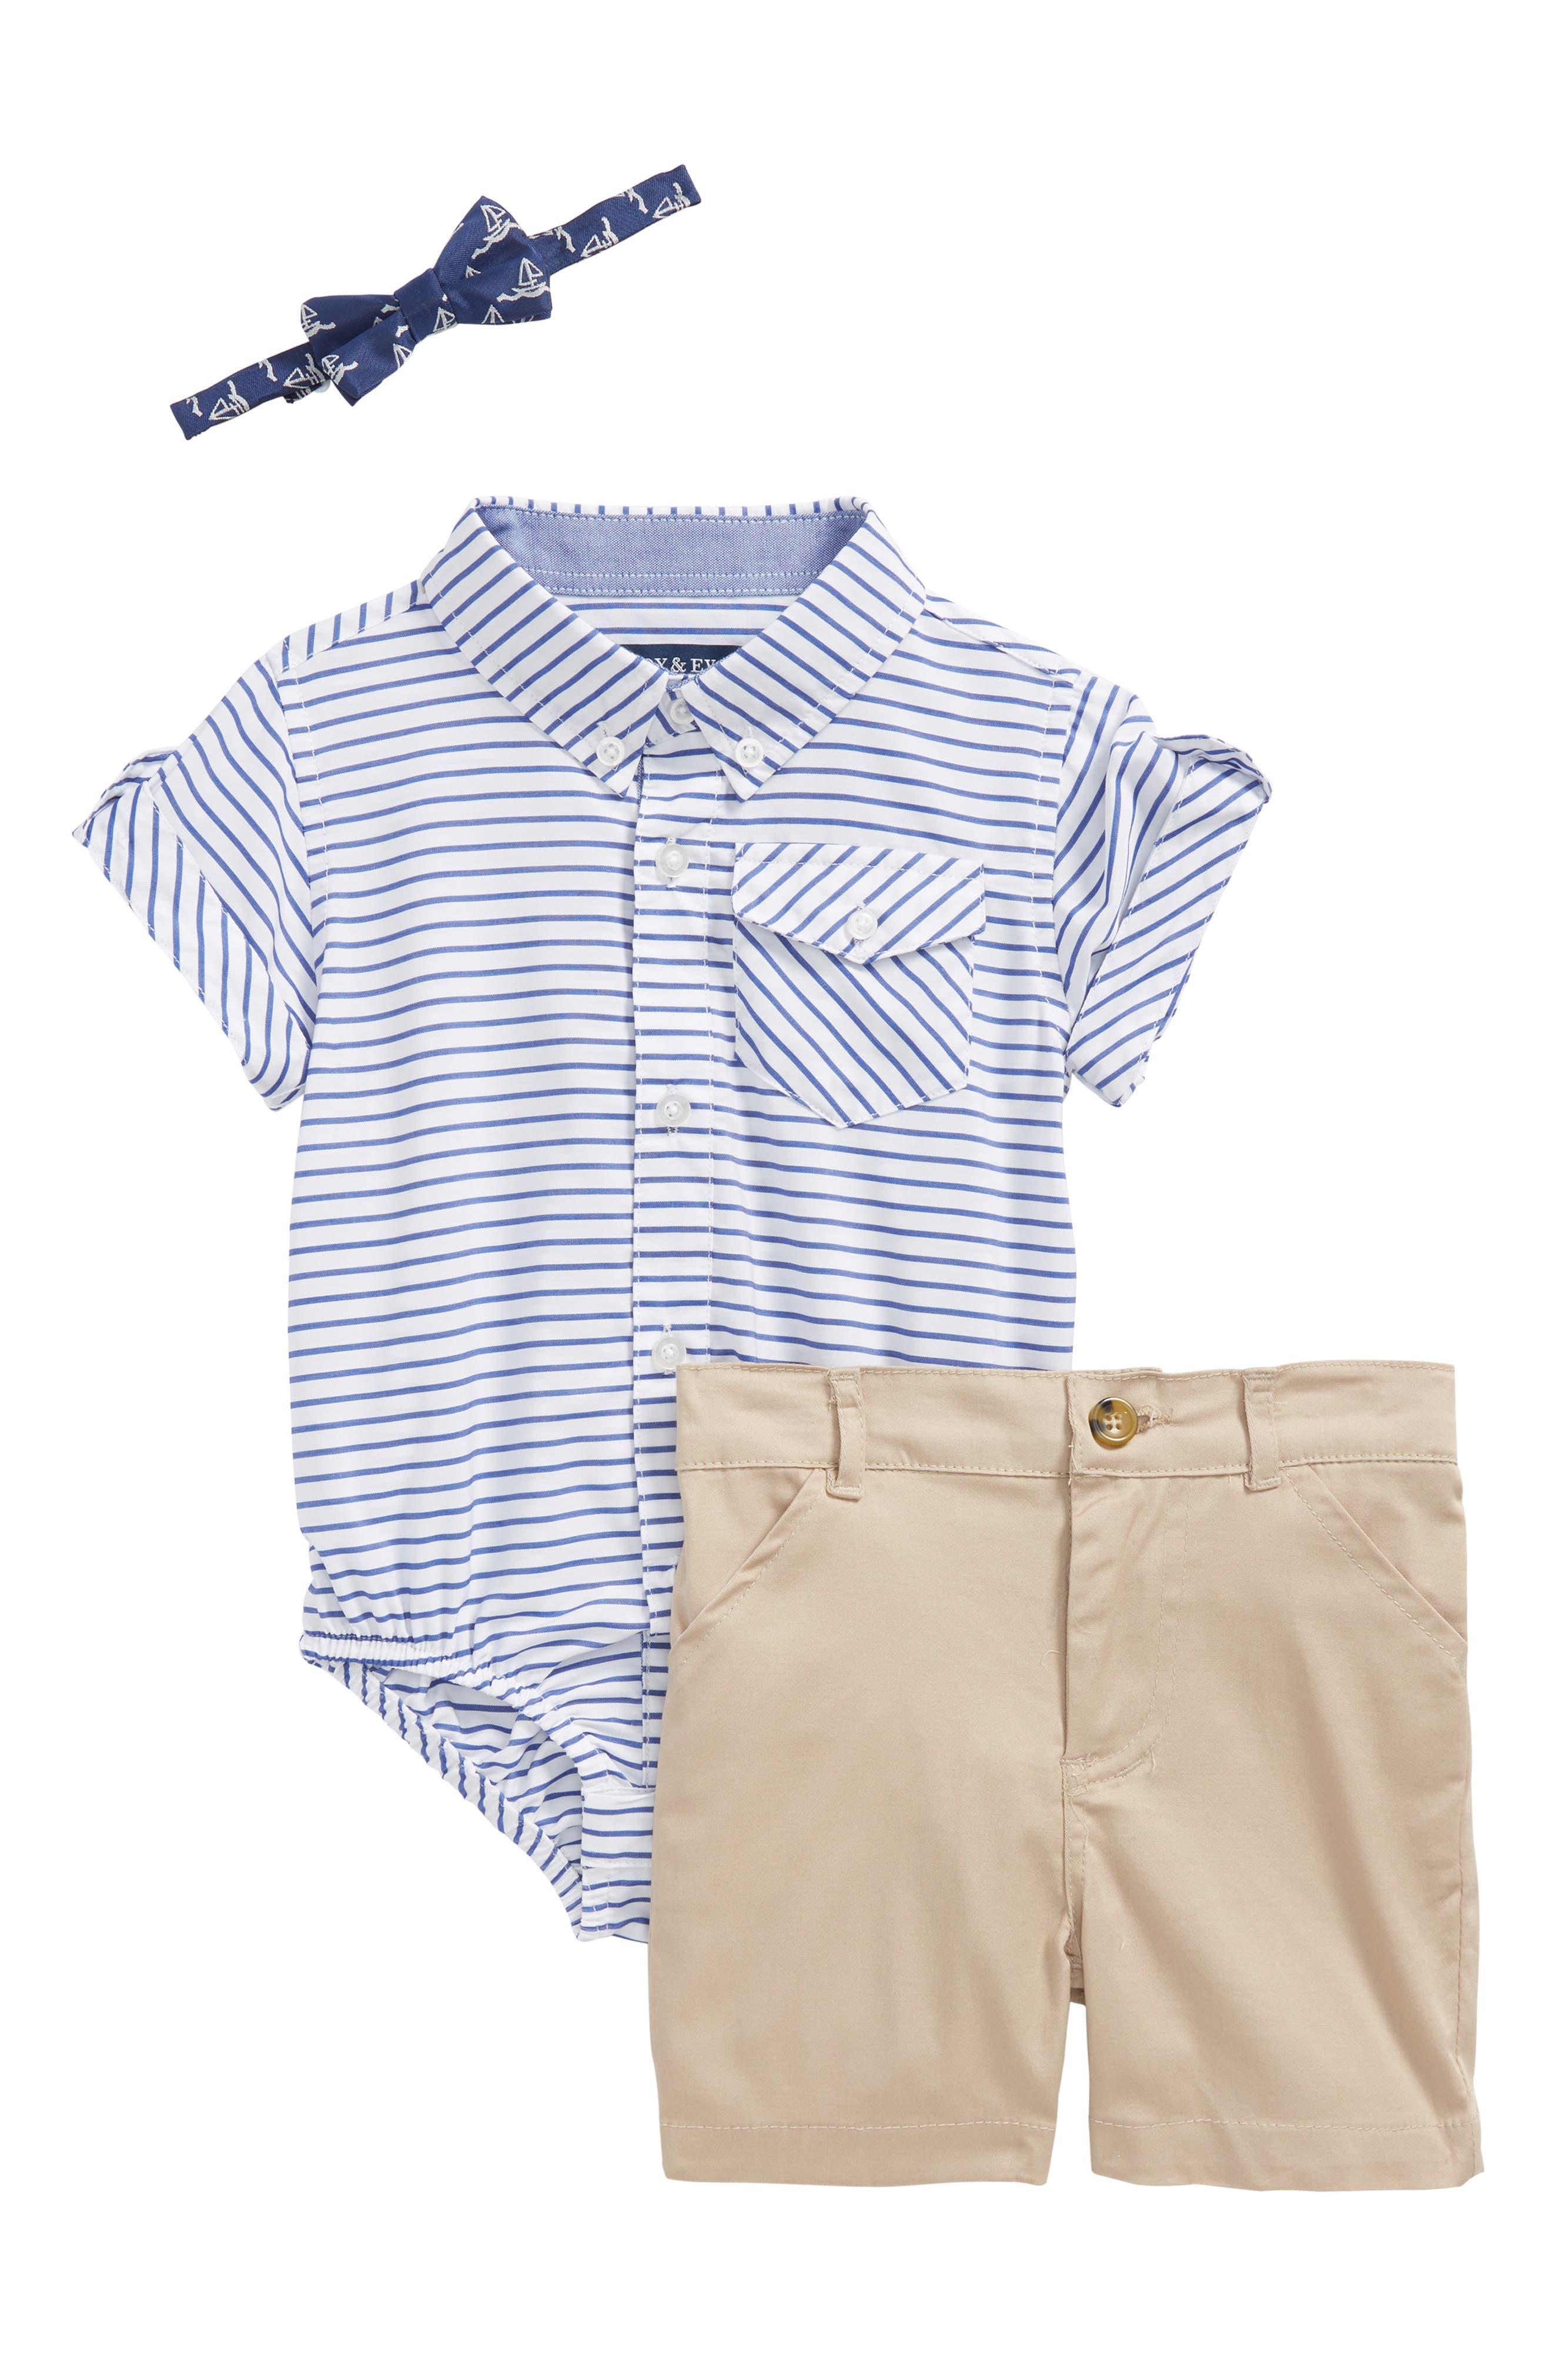 Shirtzie, Bow Tie & Shorts Set,                         Main,                         color, Blue